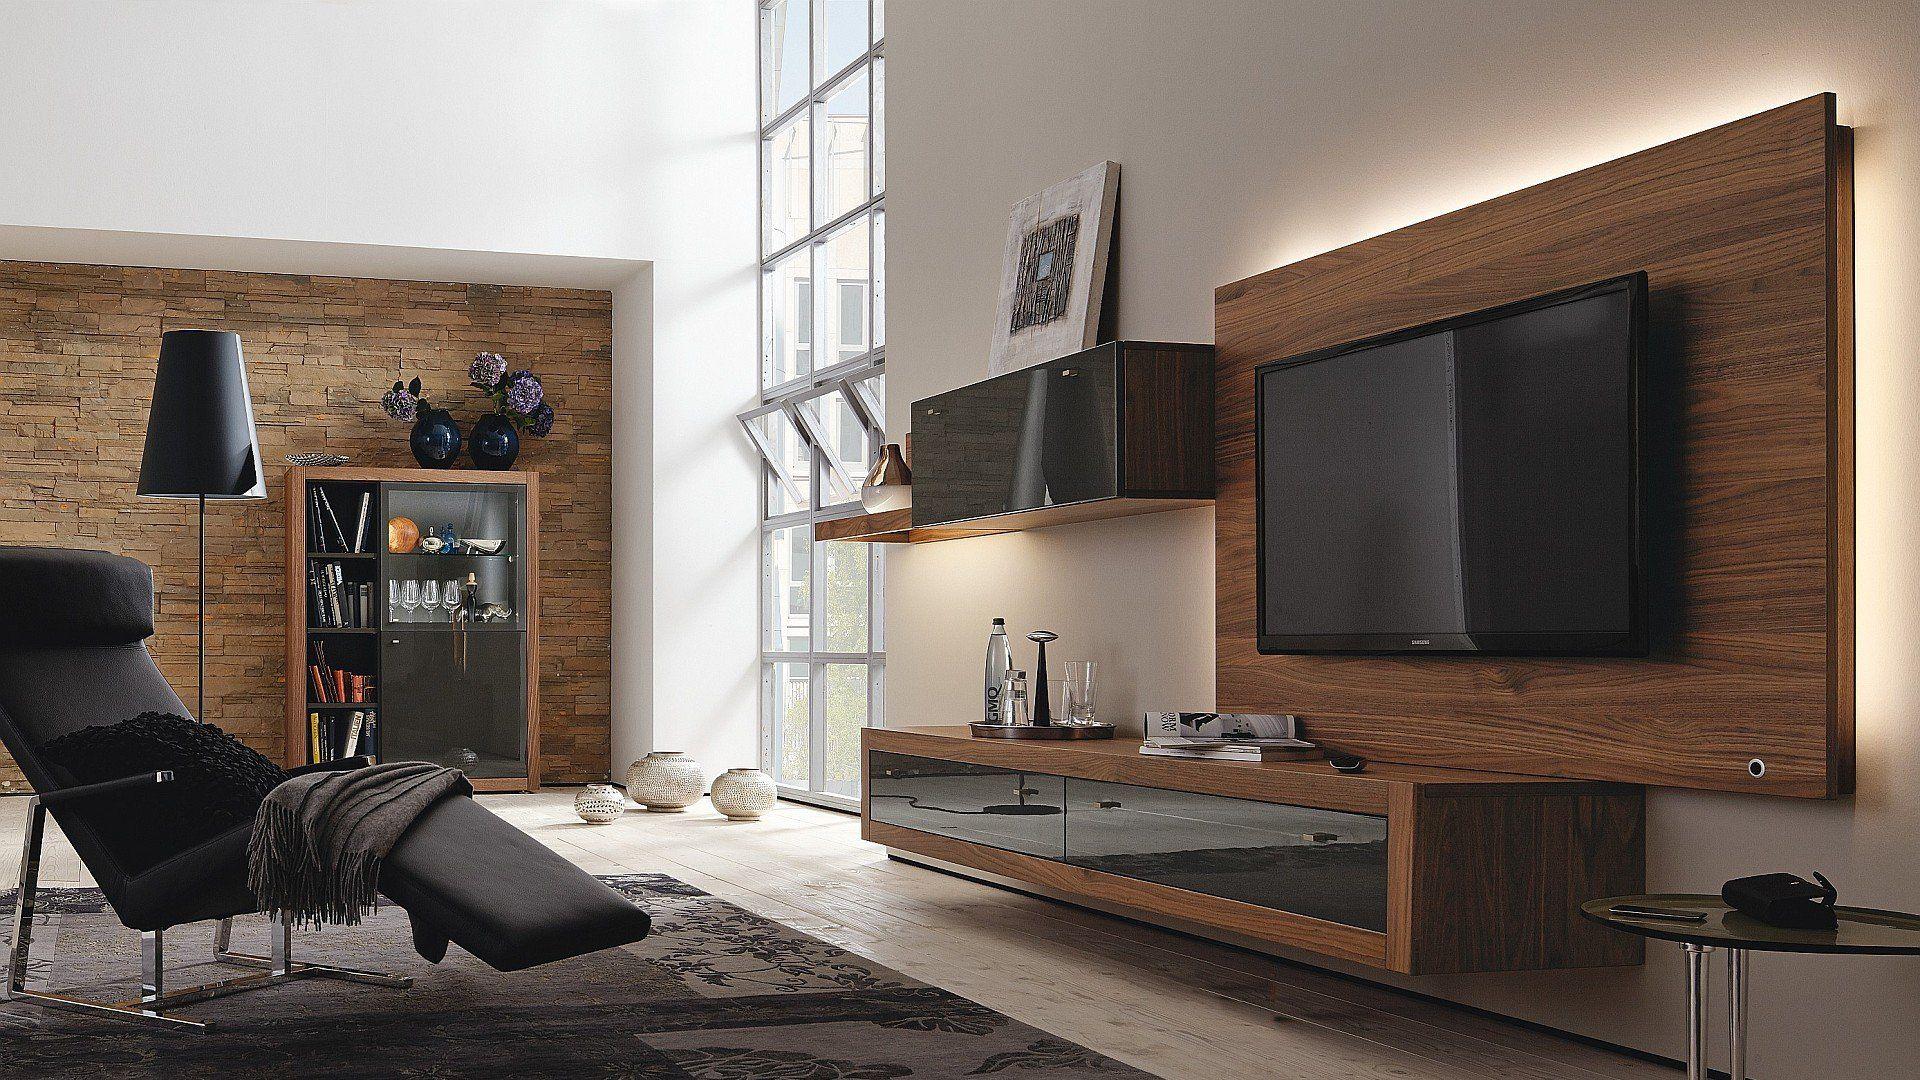 Wohnzimmermöbel Hülsta ~ Nexo lacquered tv cabinet by hülsta werke hüls peninsula